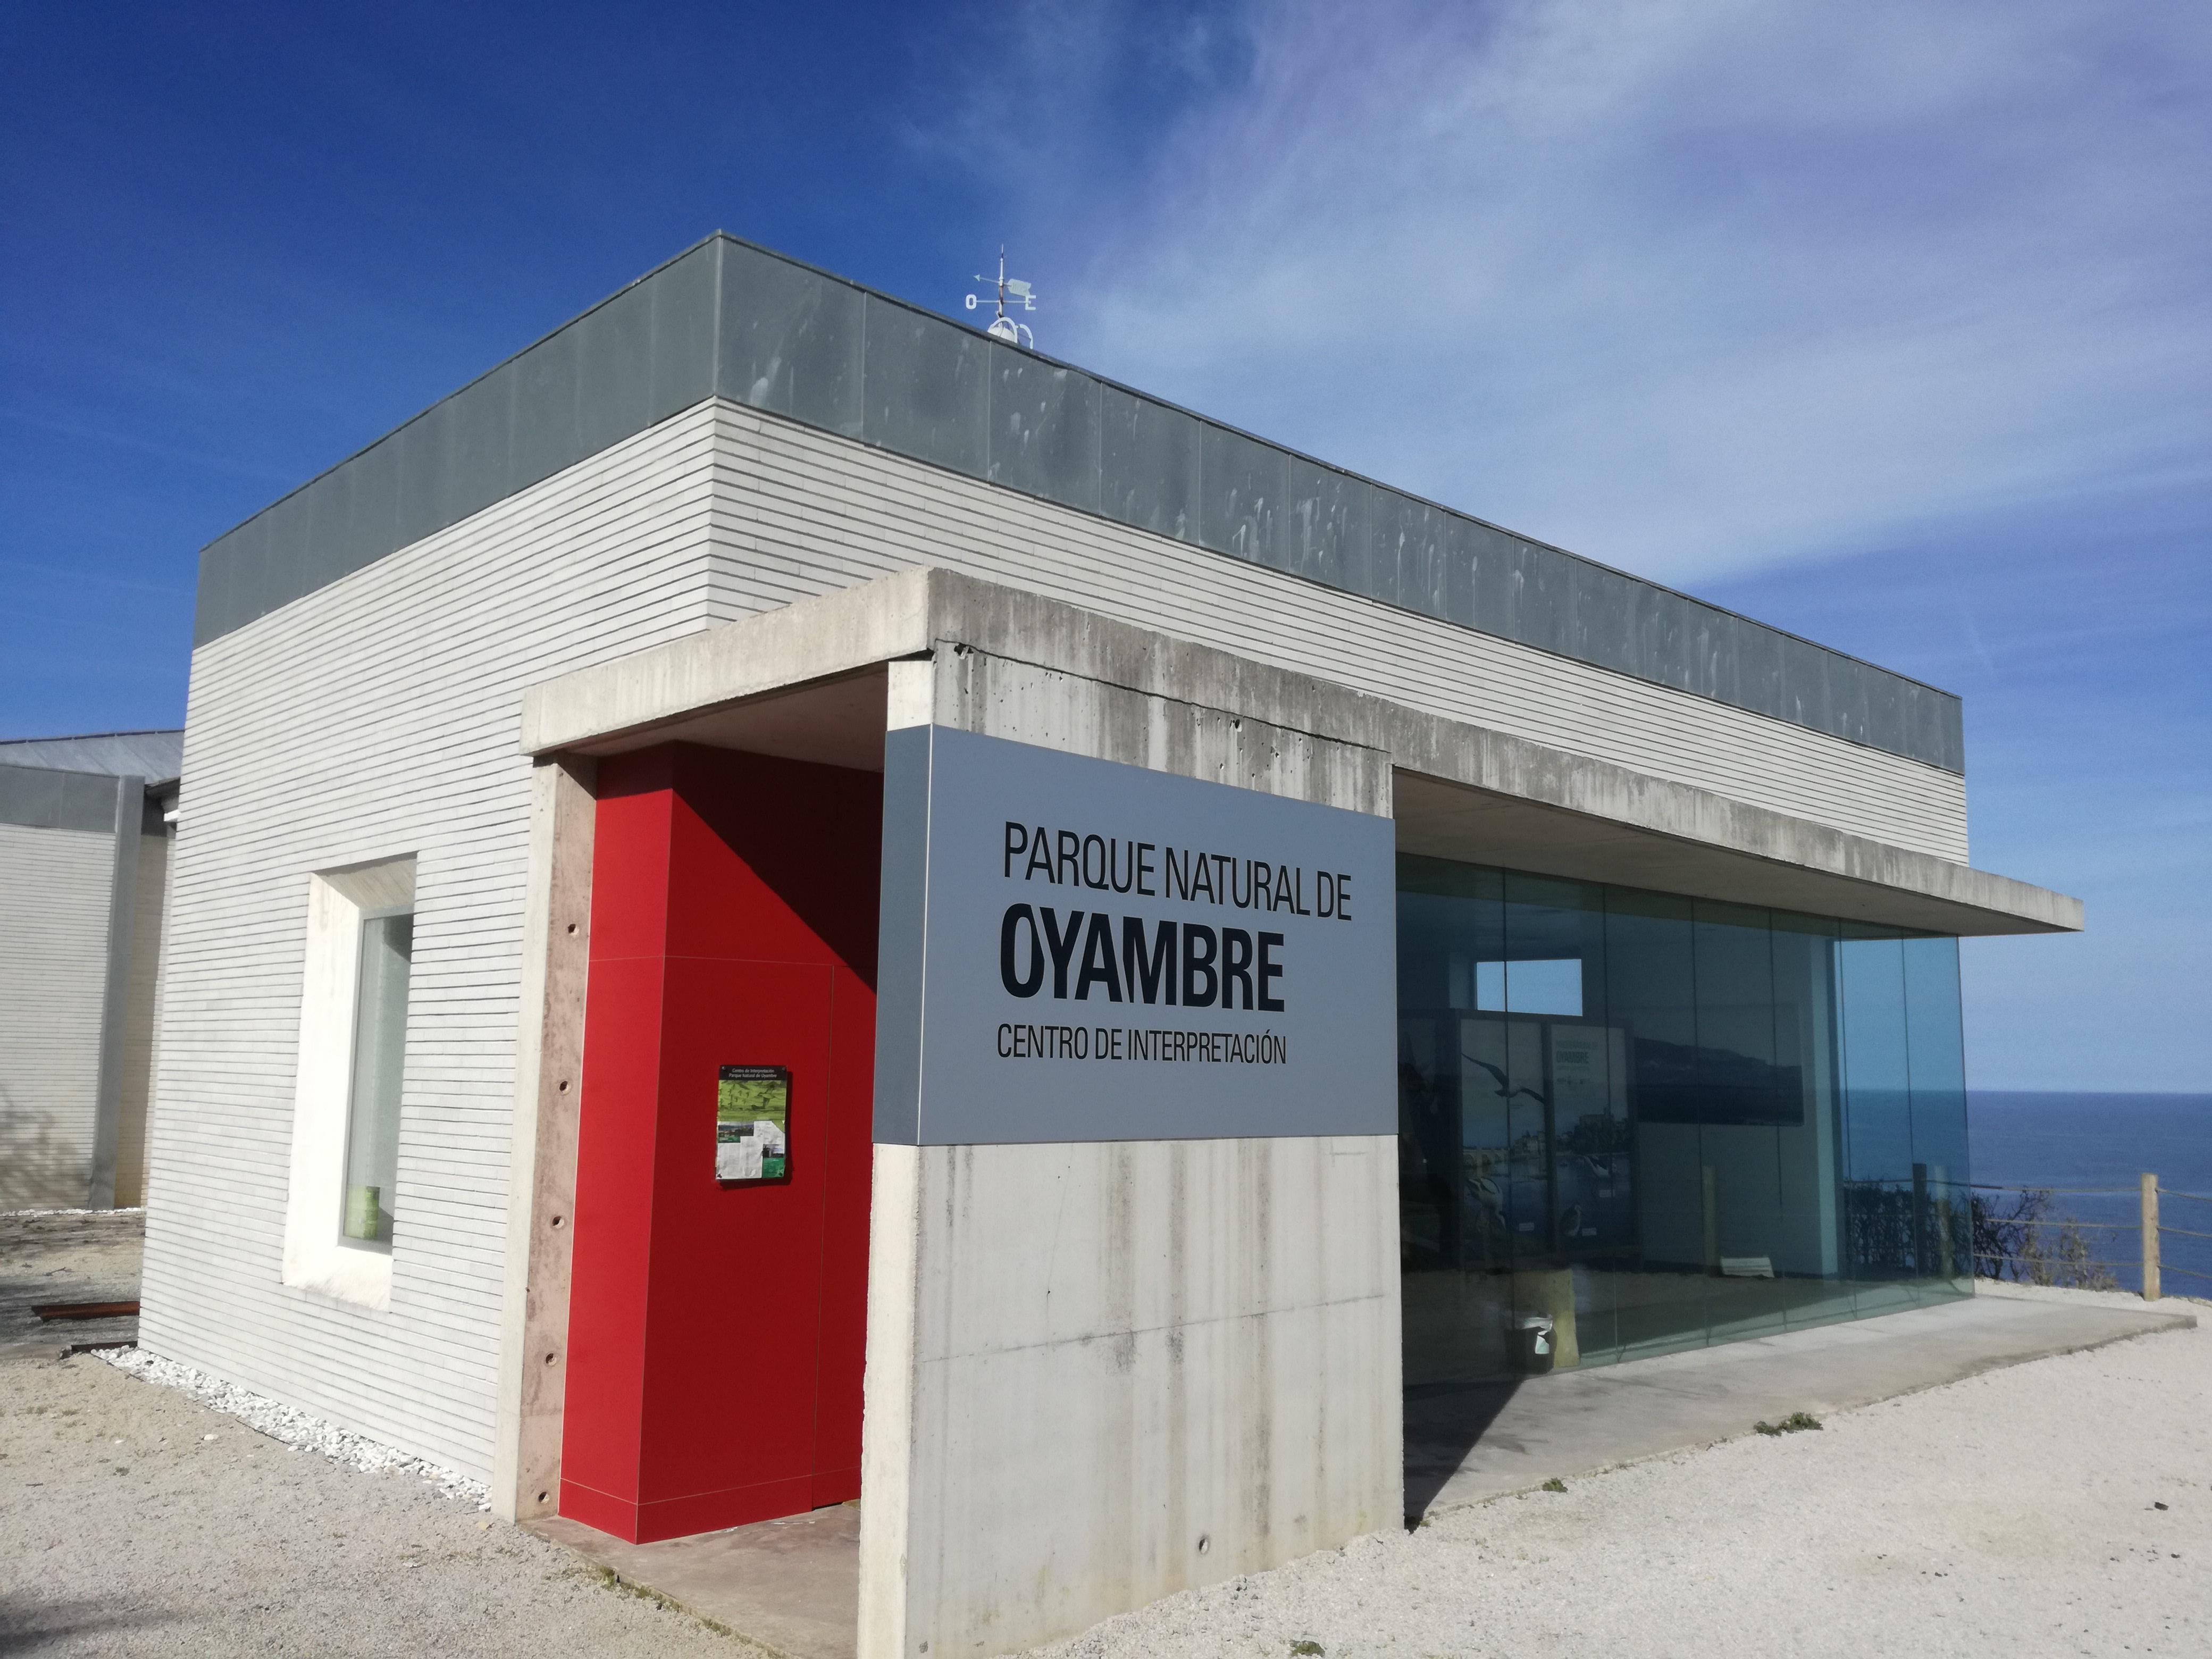 Centro de Intepretación del PArque Natural de Oyambre